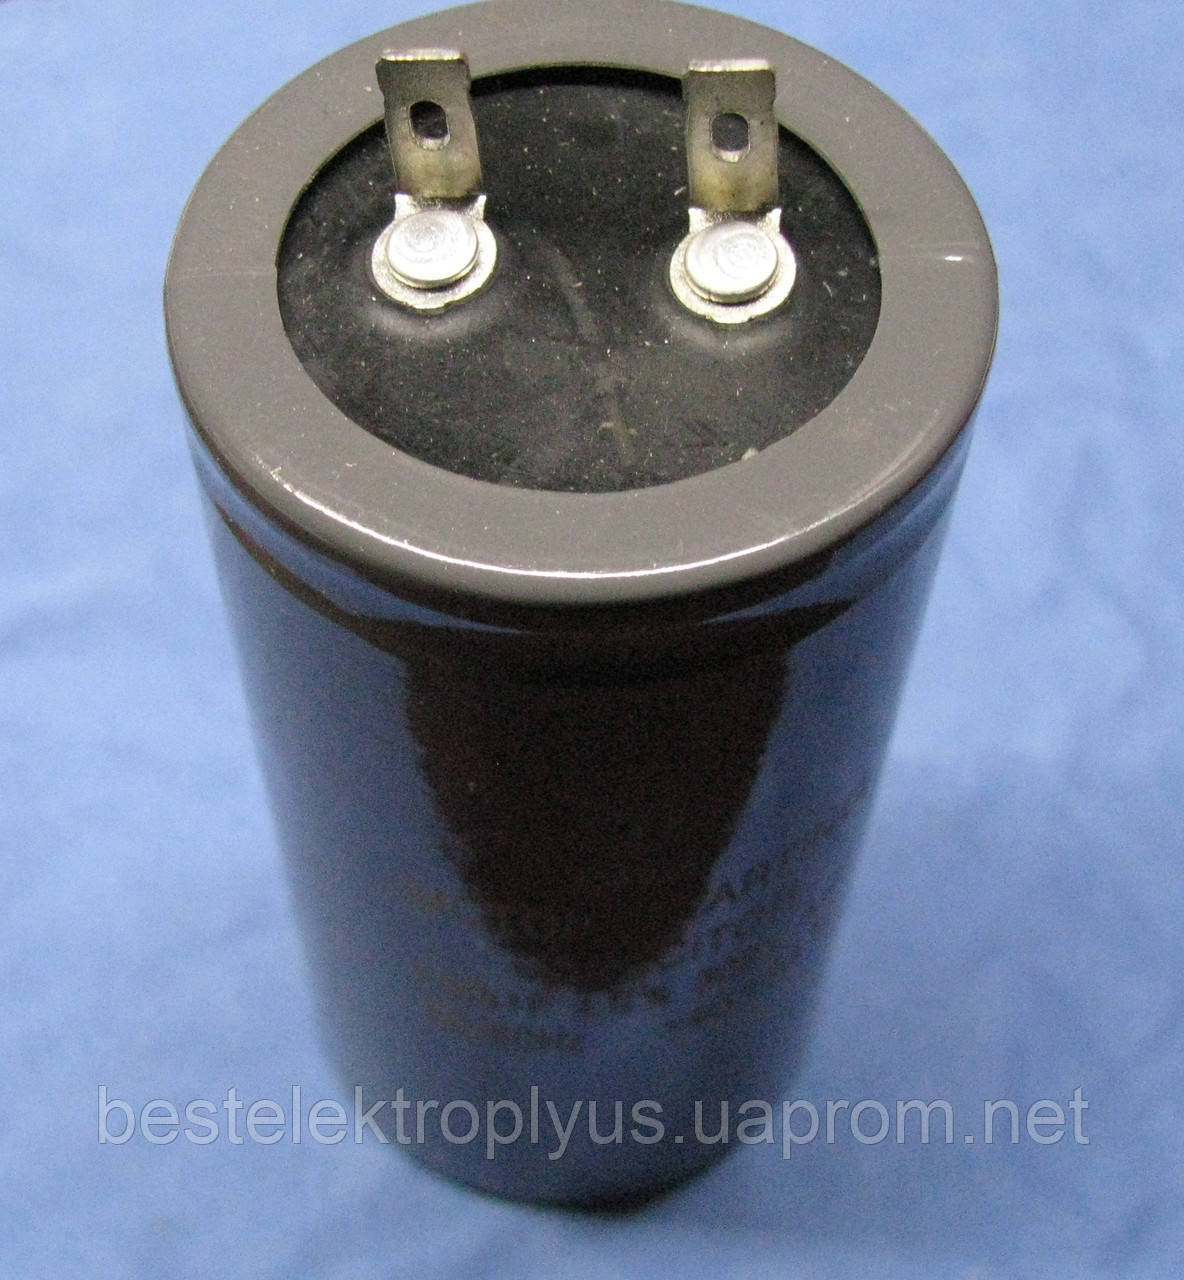 Конденсатор пусковой 700 мкф 300 В (CD-60)